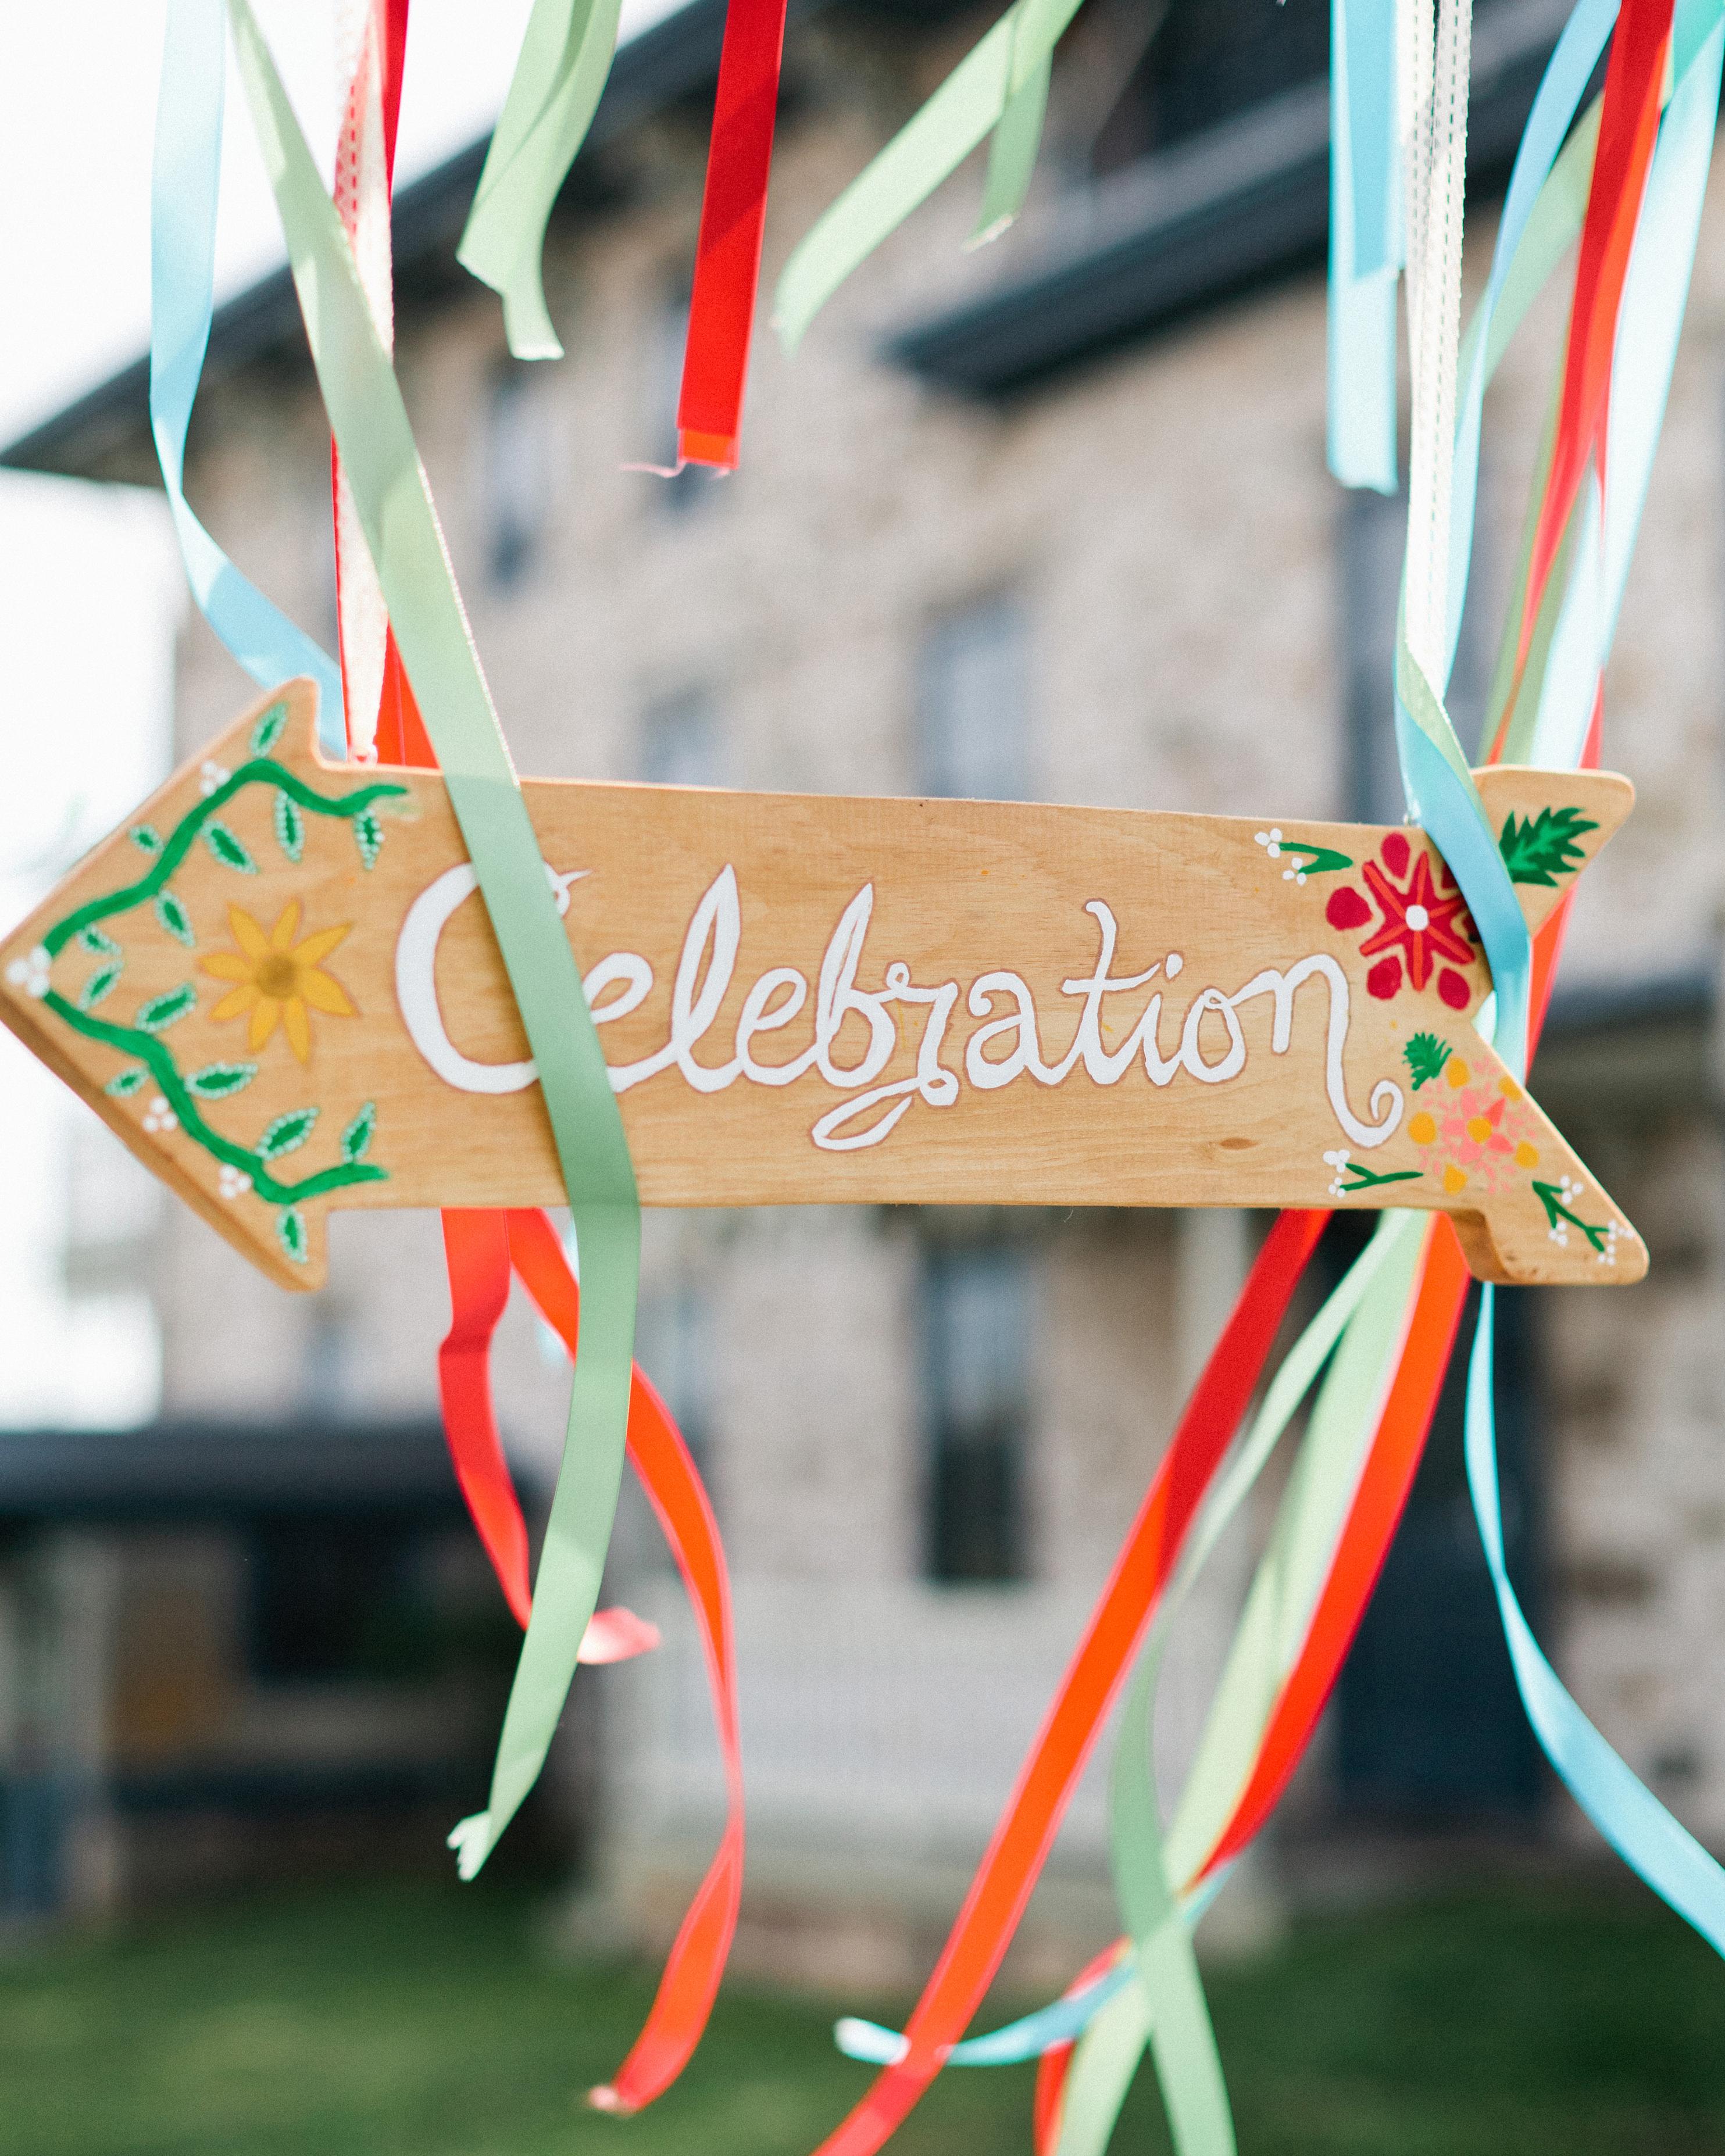 jola-tom-wedding-sign-0614.jpg